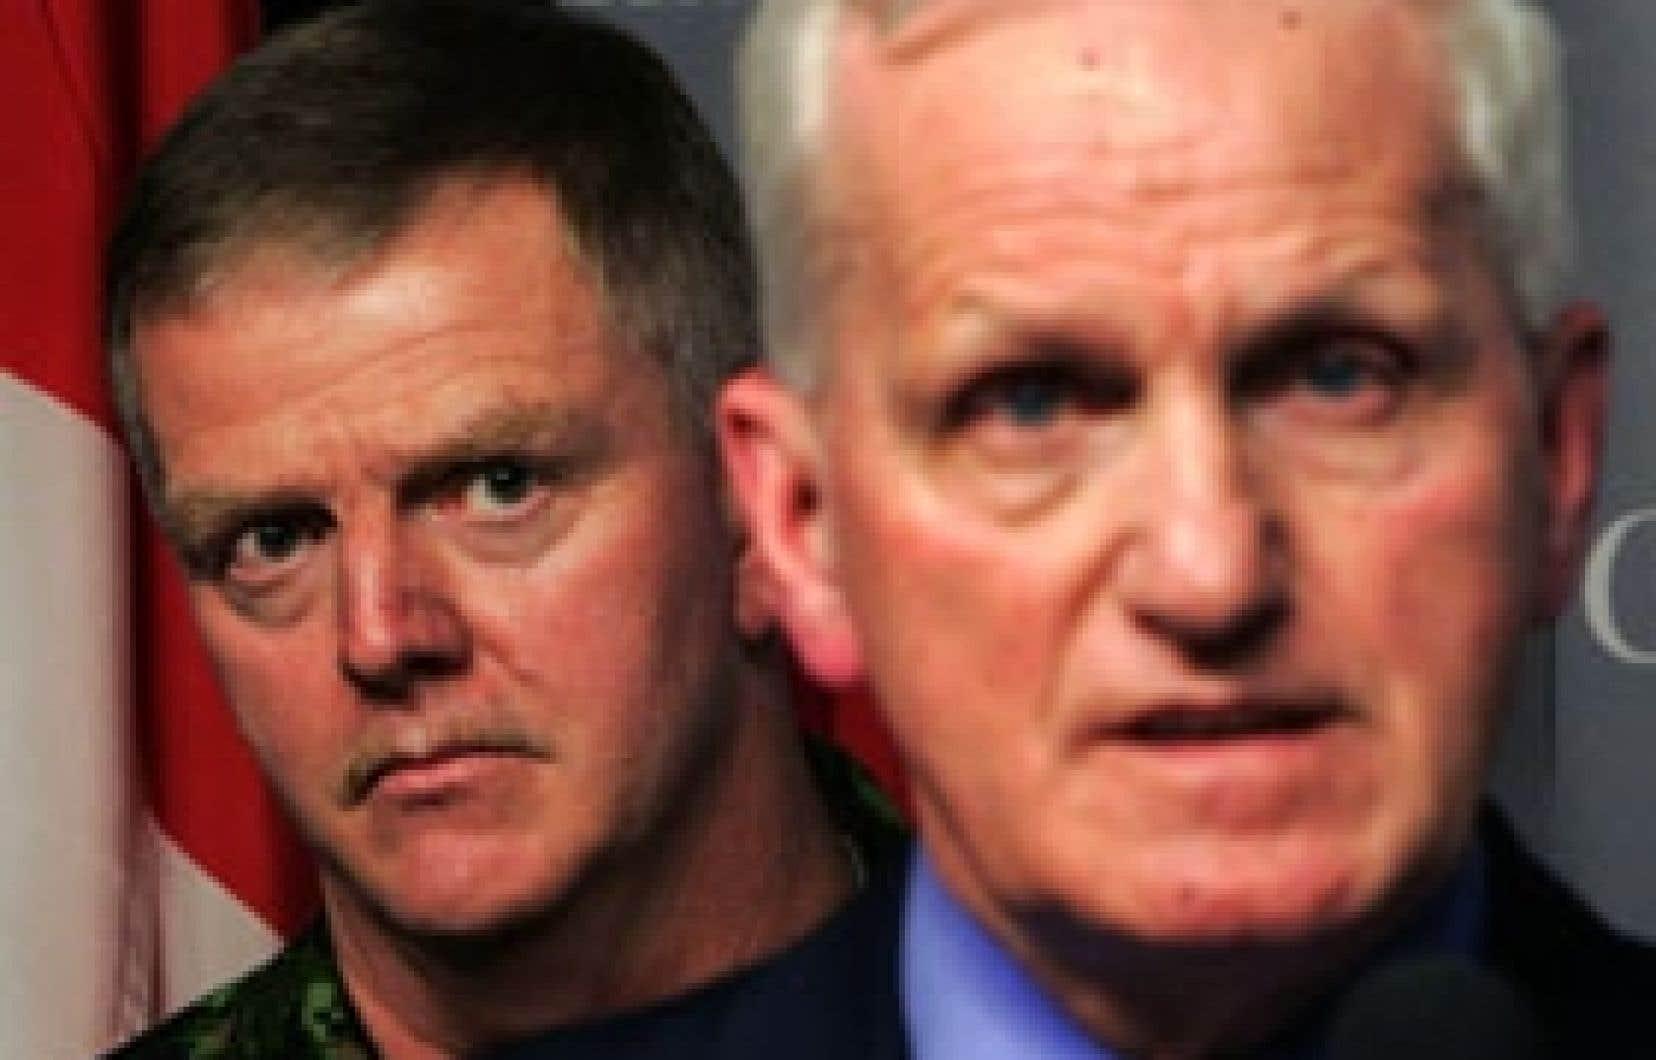 Le ministre de la Défense, Gordon O'Connor, que l'on voit ici avec le général Rick Hillier, a annoncé hier l'acquisition de 120 chars d'assaut supplémentaires qui seront déployés en Afghanistan.